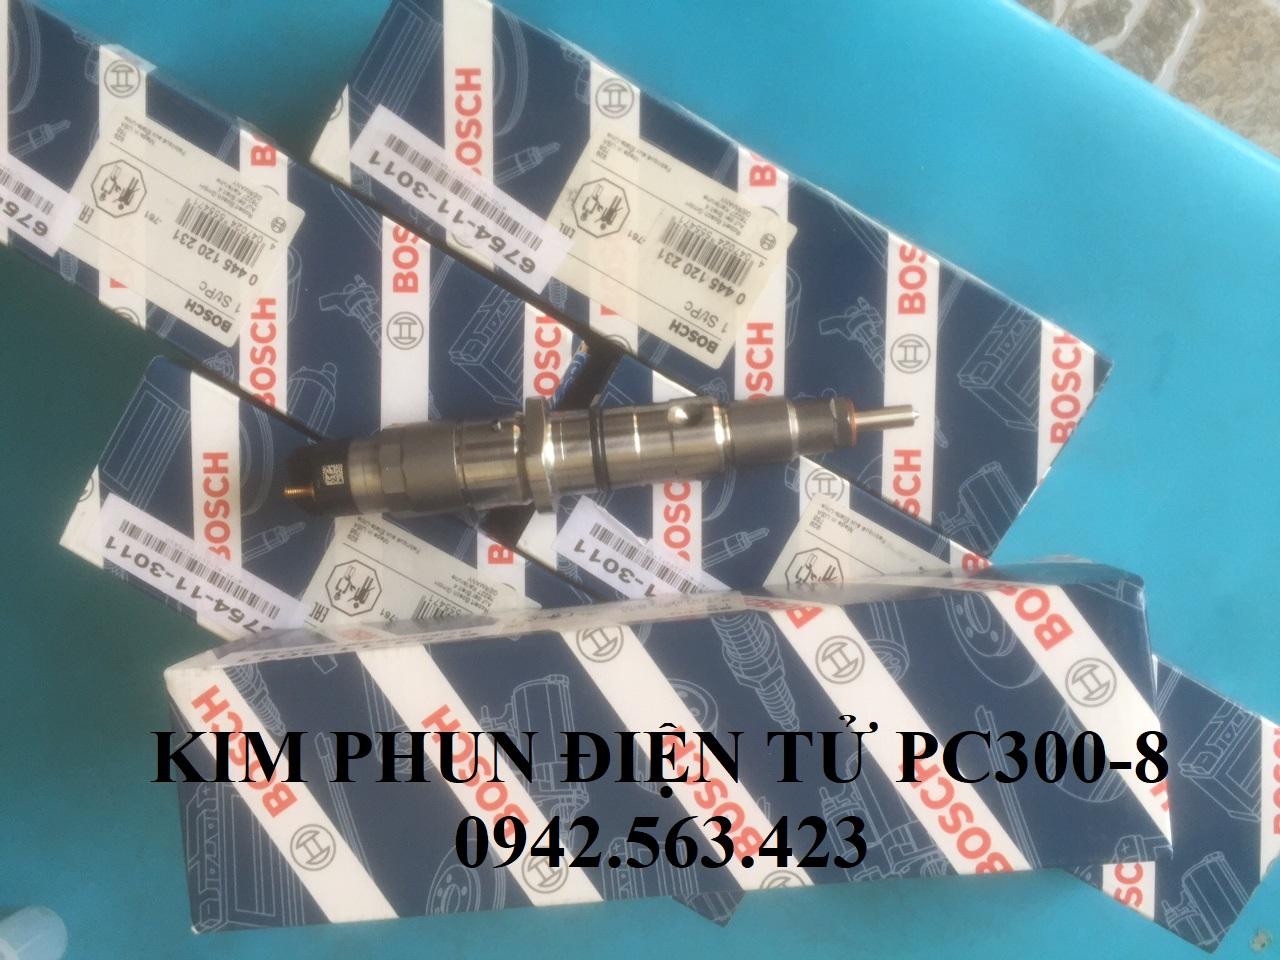 Kim phun điện tử Komatsu PC300-8